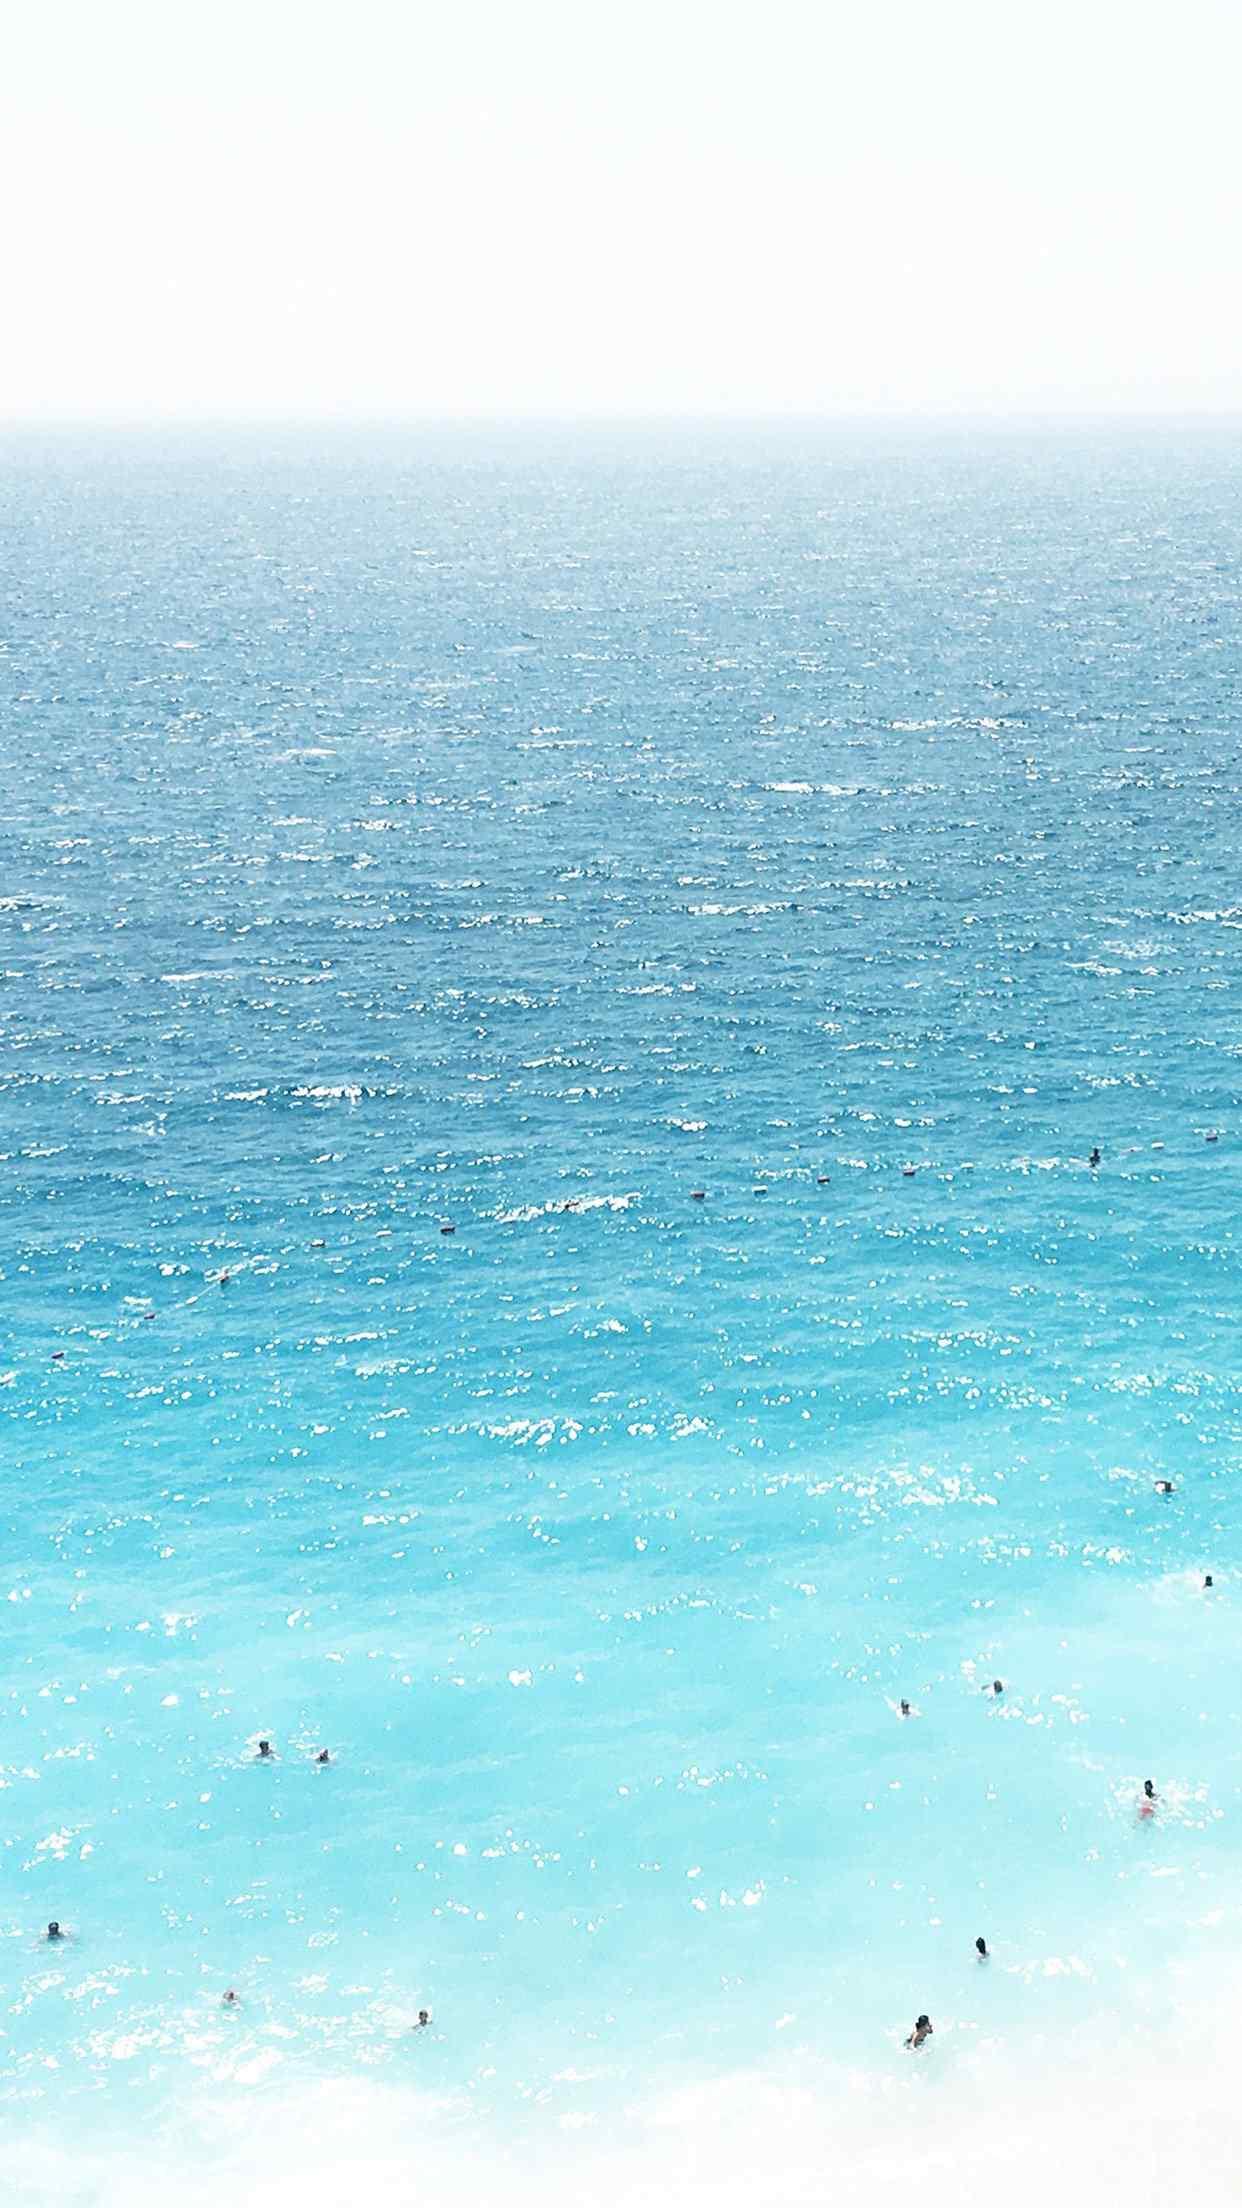 碧蓝色的大海唯美手机壁纸